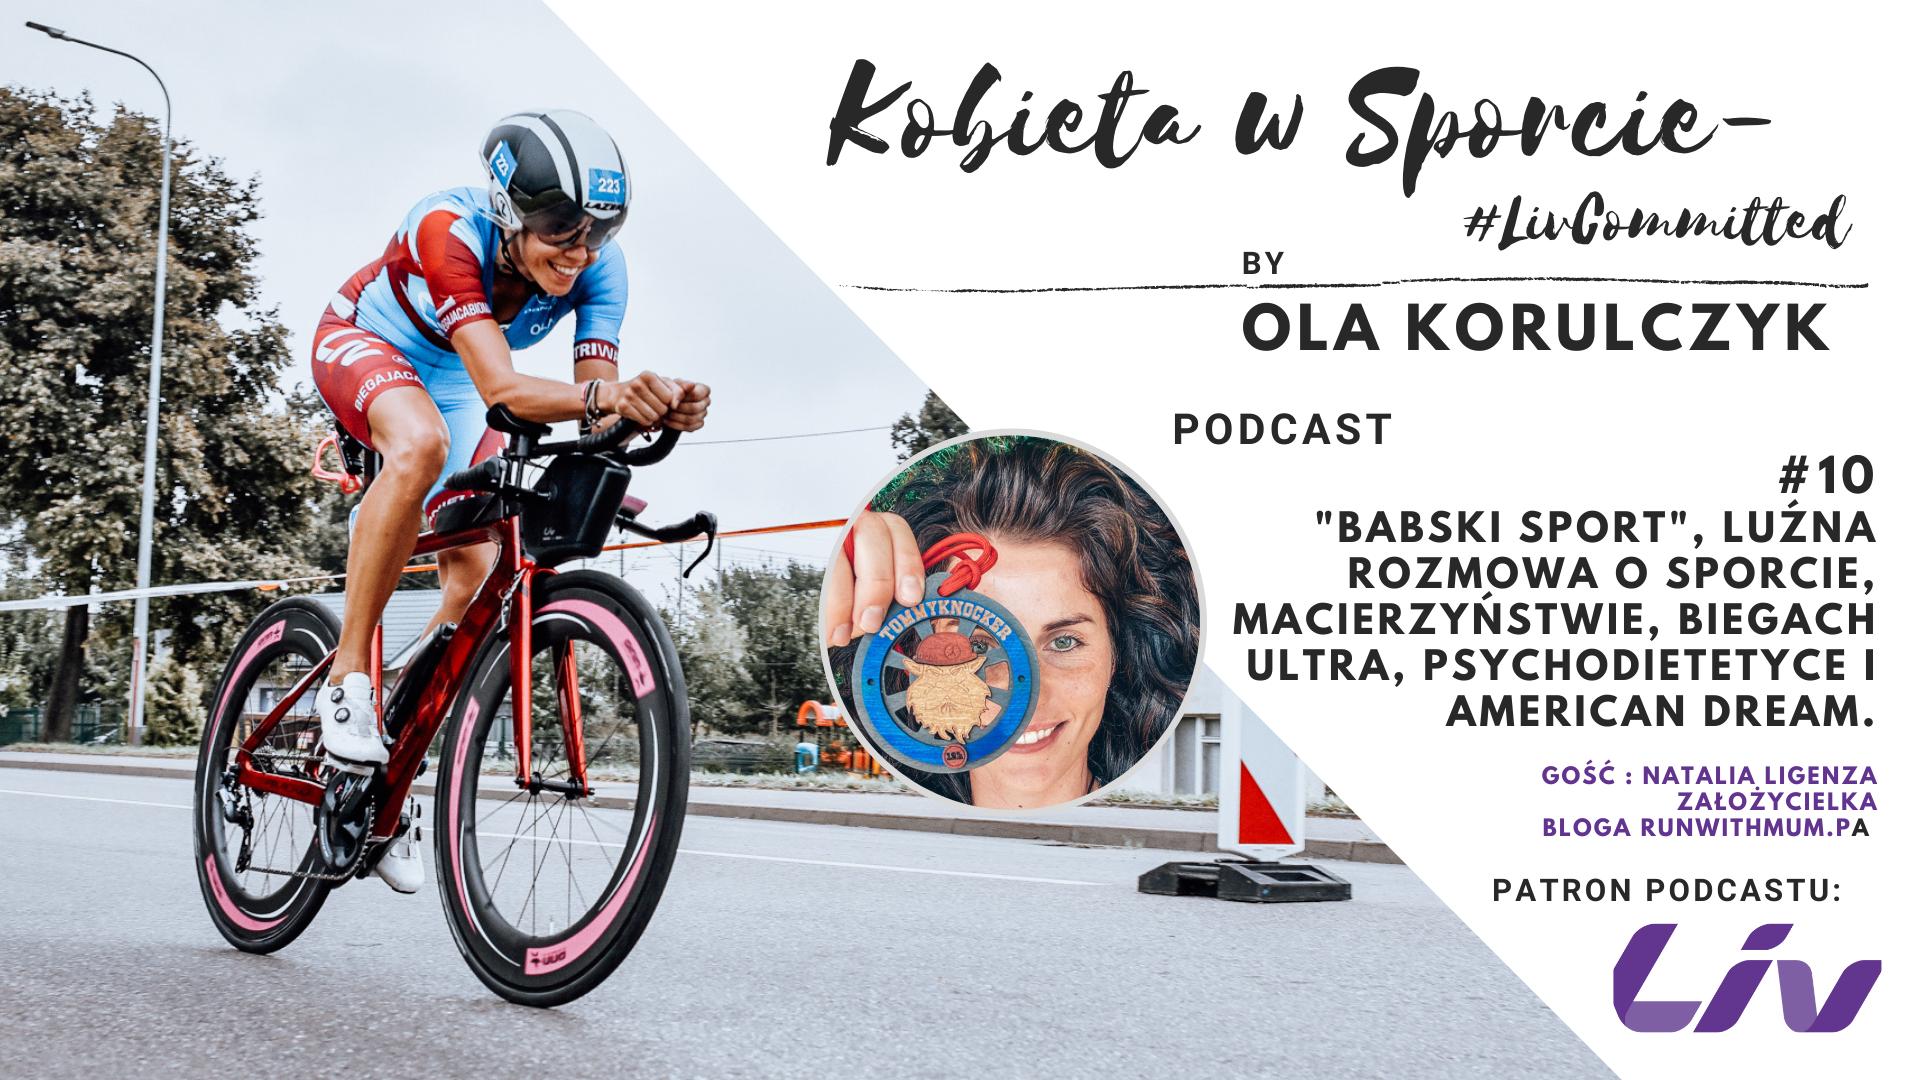 Podcast #10 – #BABSKISPORT, czyli luźna rozmowa o maceirzyństwie, bieganiu, biegach ultra, psychodietetyce i życiu w AMERYCE !